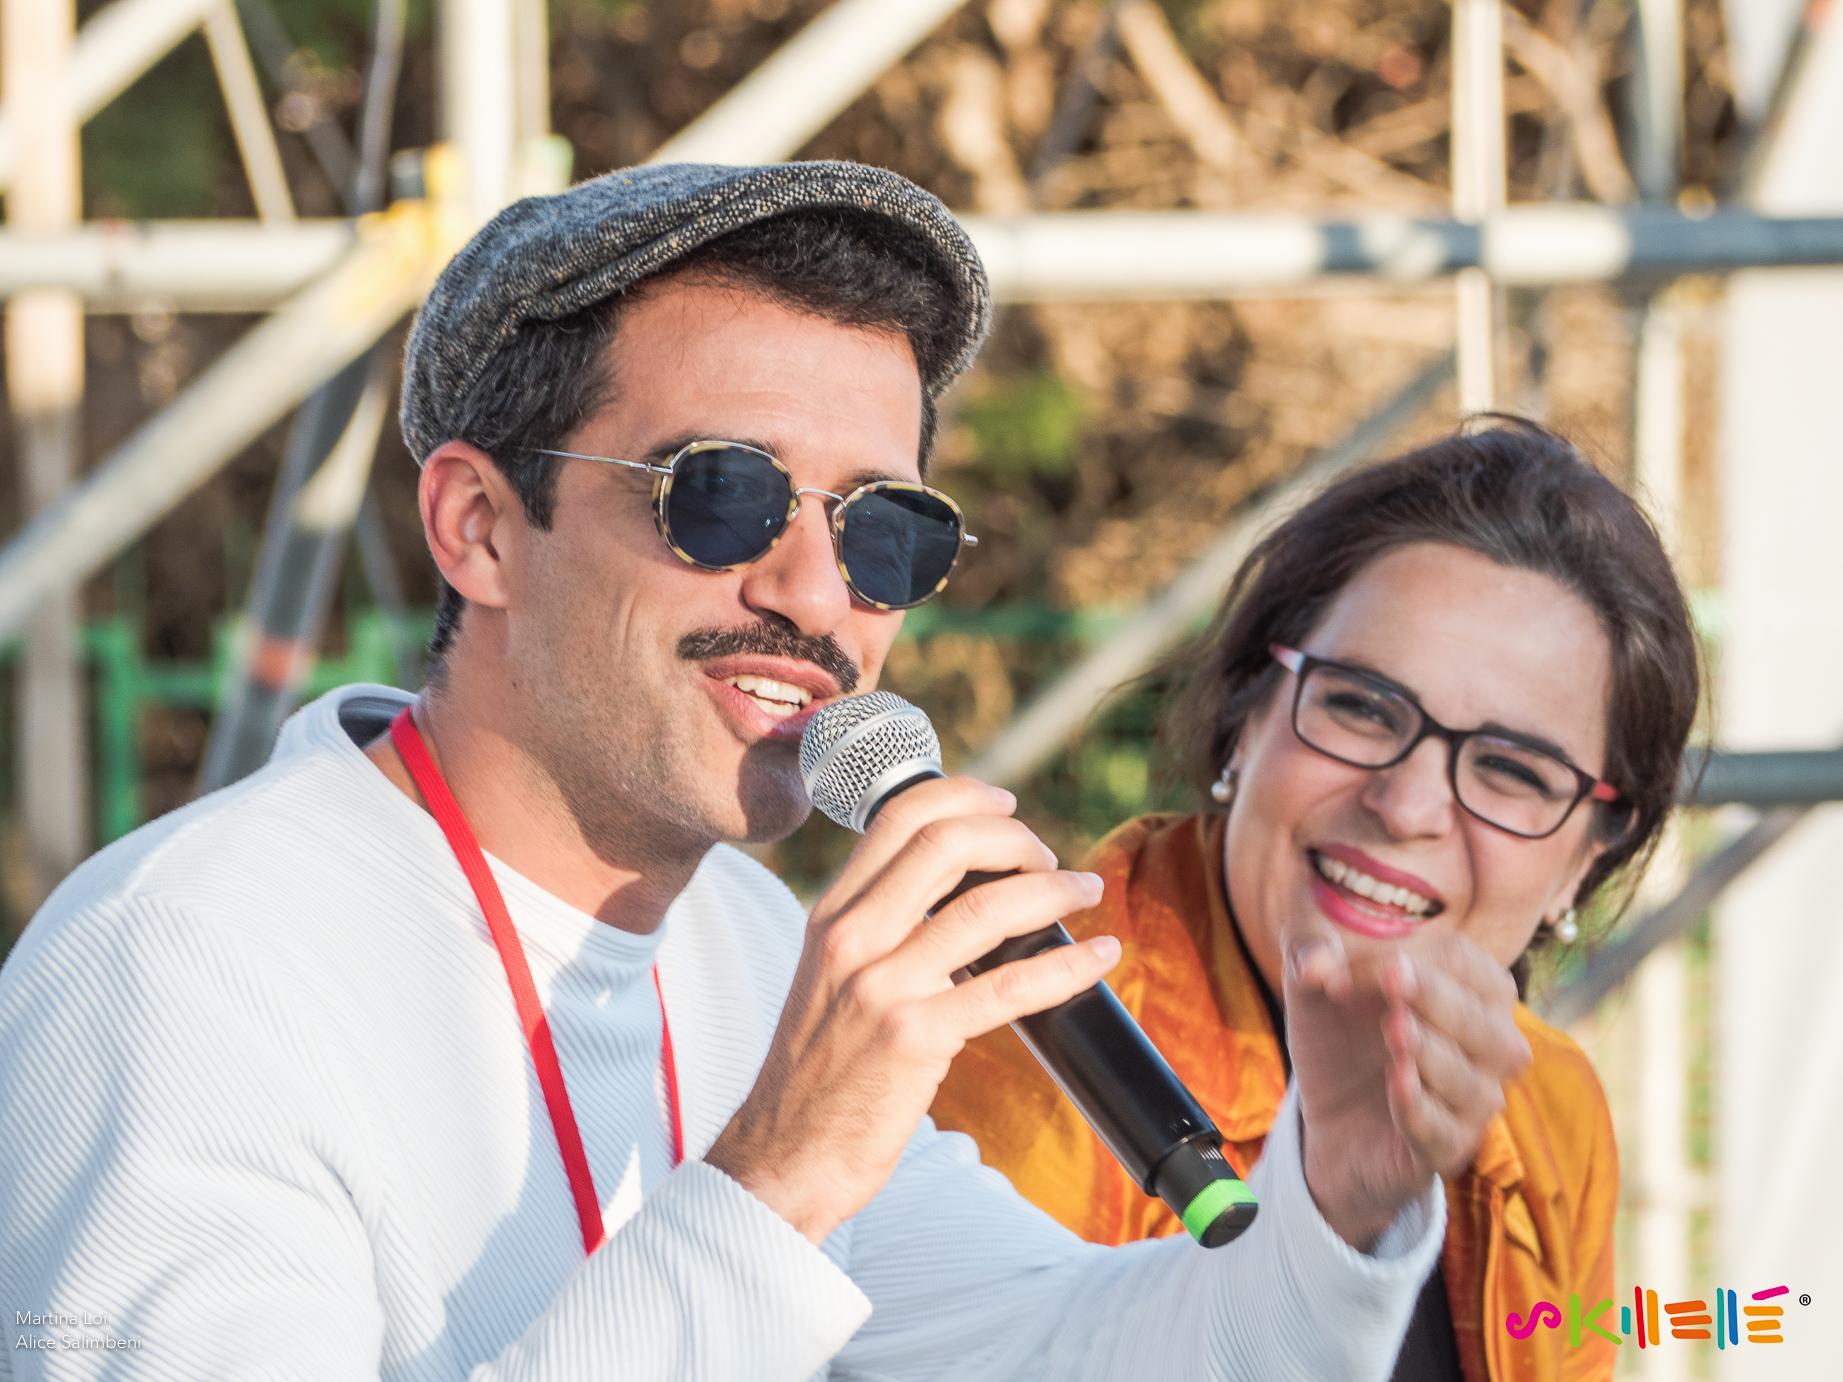 1 giugno a Cagliari, Jacopo Cullin chiude Skillab al festival Ateneika